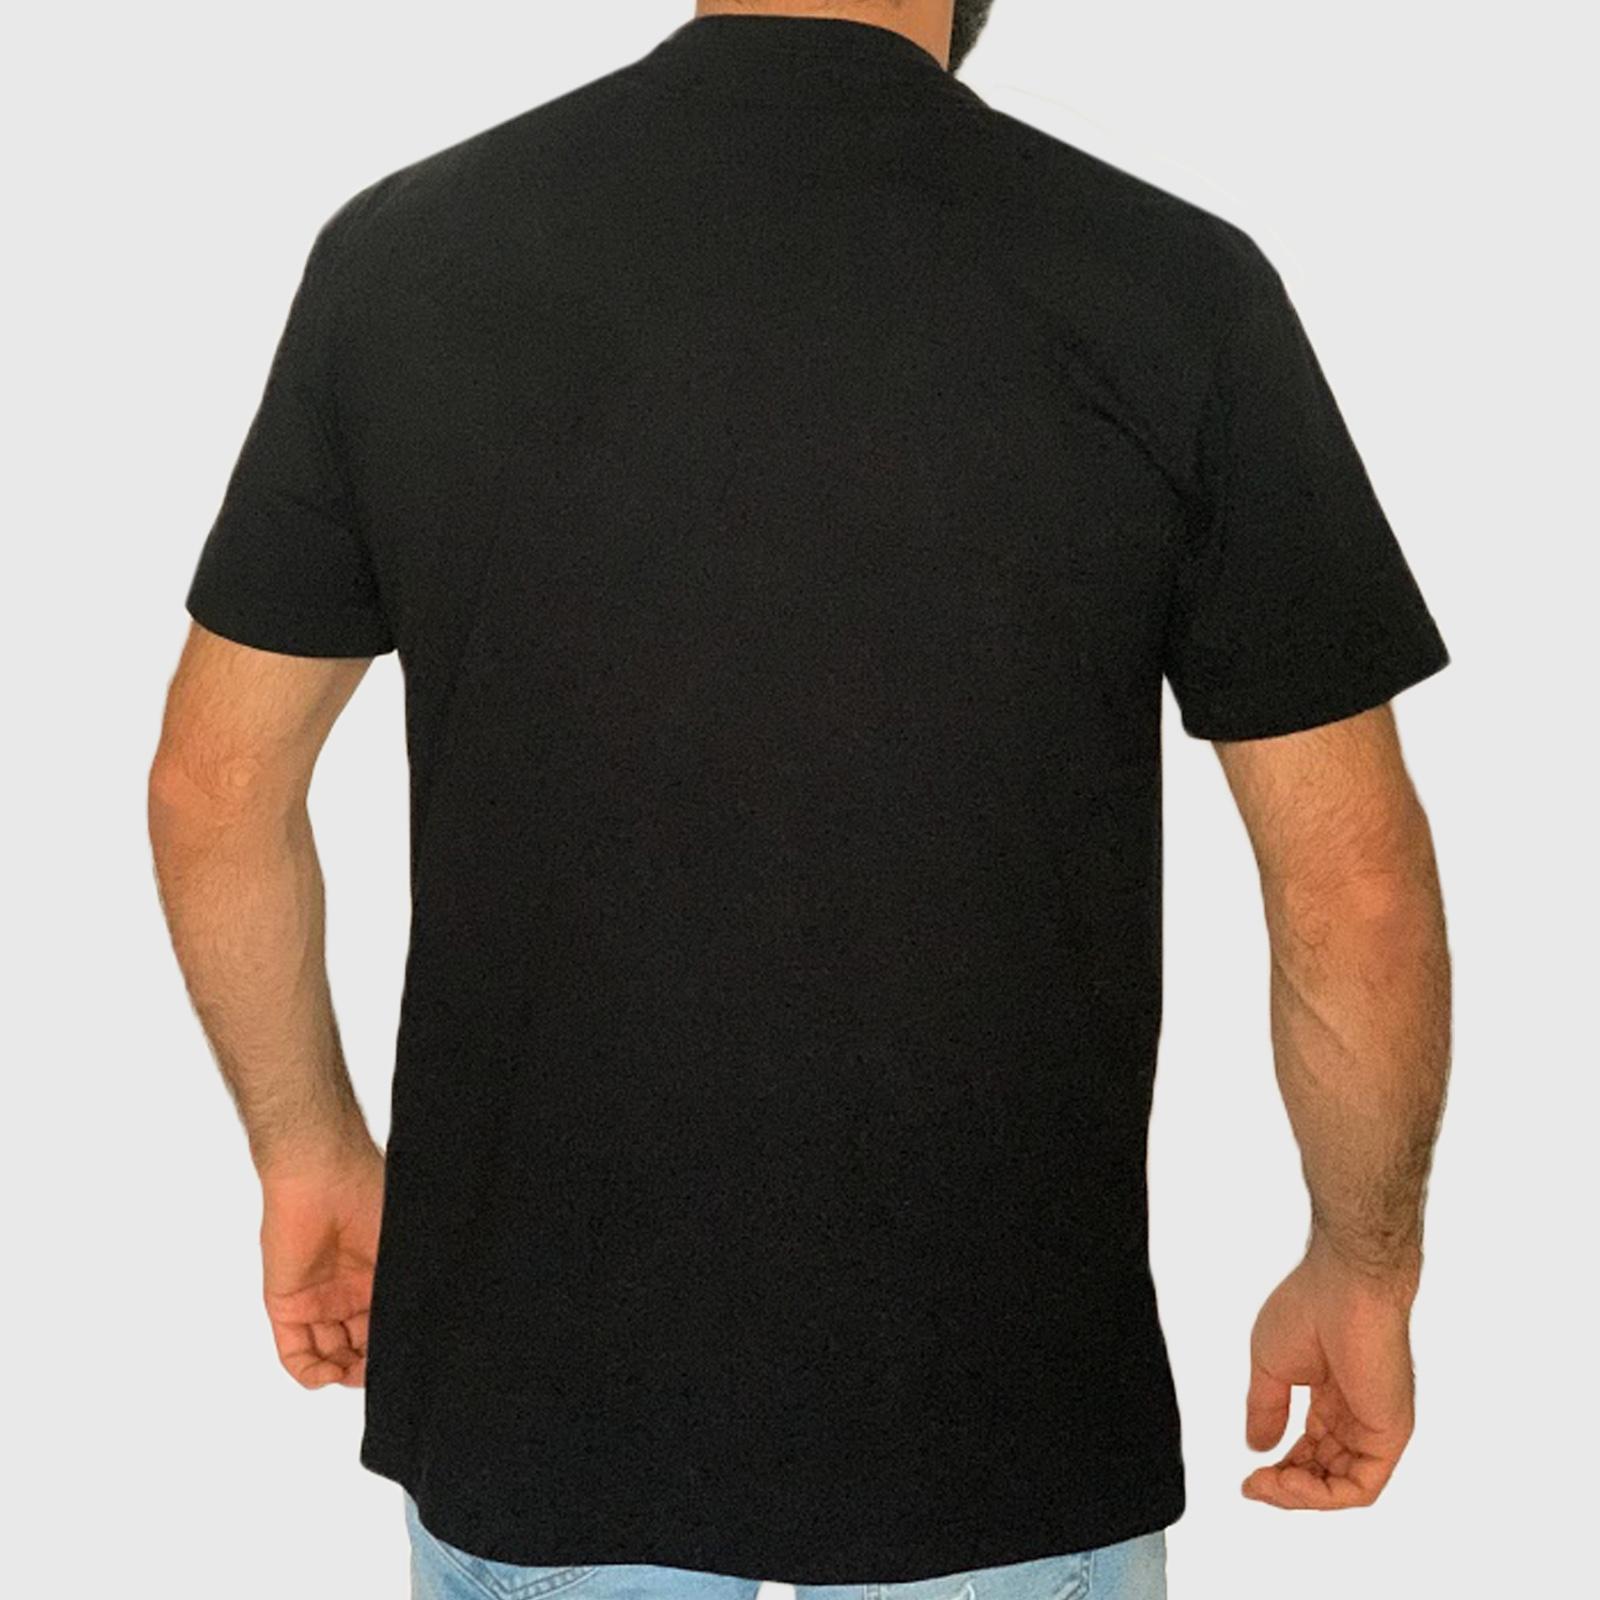 Купить недорого мужскую футболку с рисунком